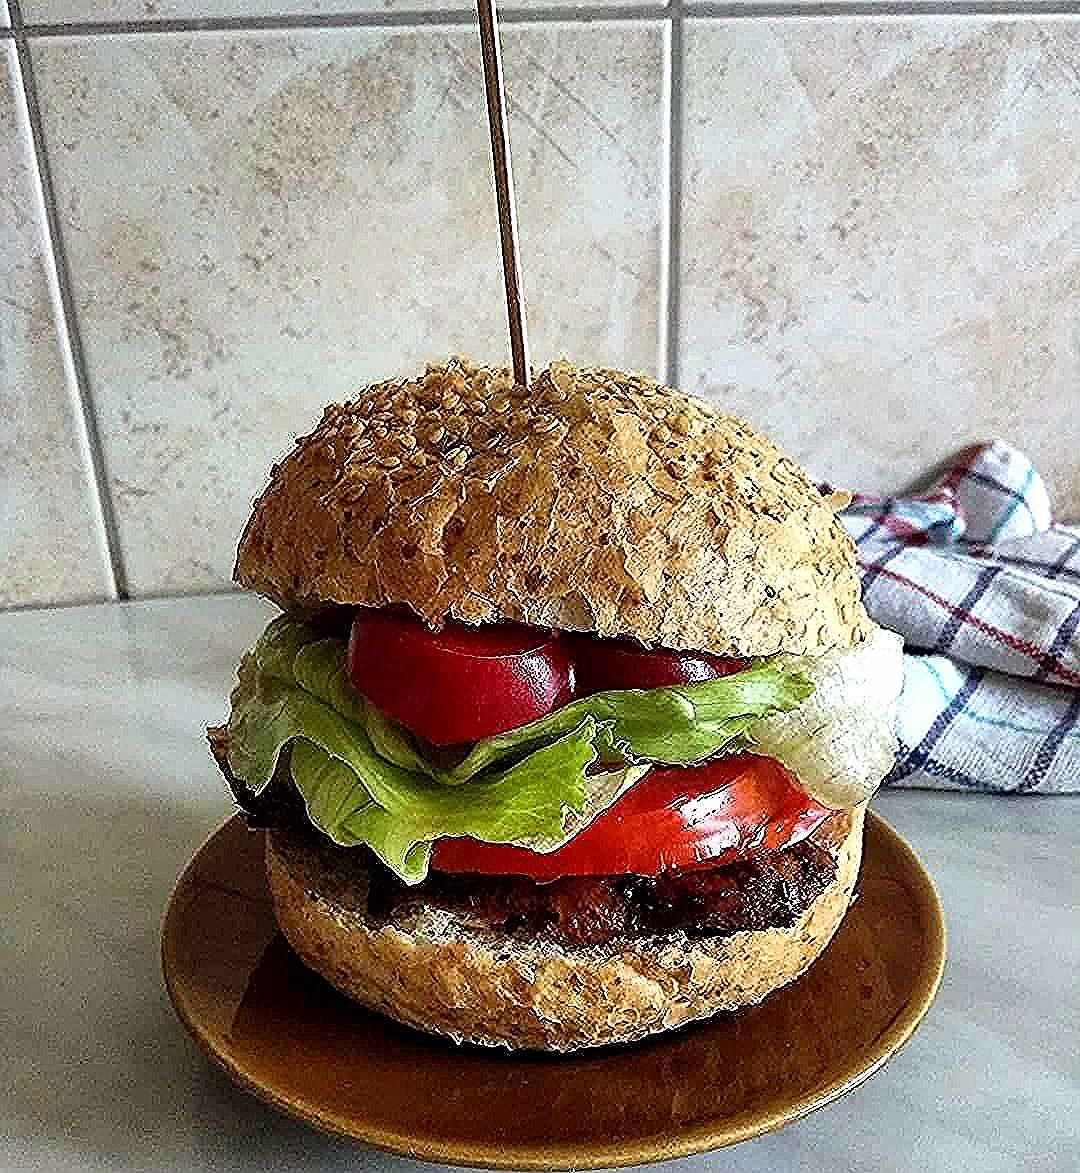 A może burgera z grillowanym kurczakiem ? 🍔🥗 #fitburger#kurczakburger#kanapka#pomysłnaśniadanie#lunch#zdrowejedzenie#zdrowonieznaczynudno#dieta#dietetyka#warzywa#balans#motywacja#lifestyle#foodphotography#foodlover#food#vegetables#motivation#diet#happylife#positivevibes#